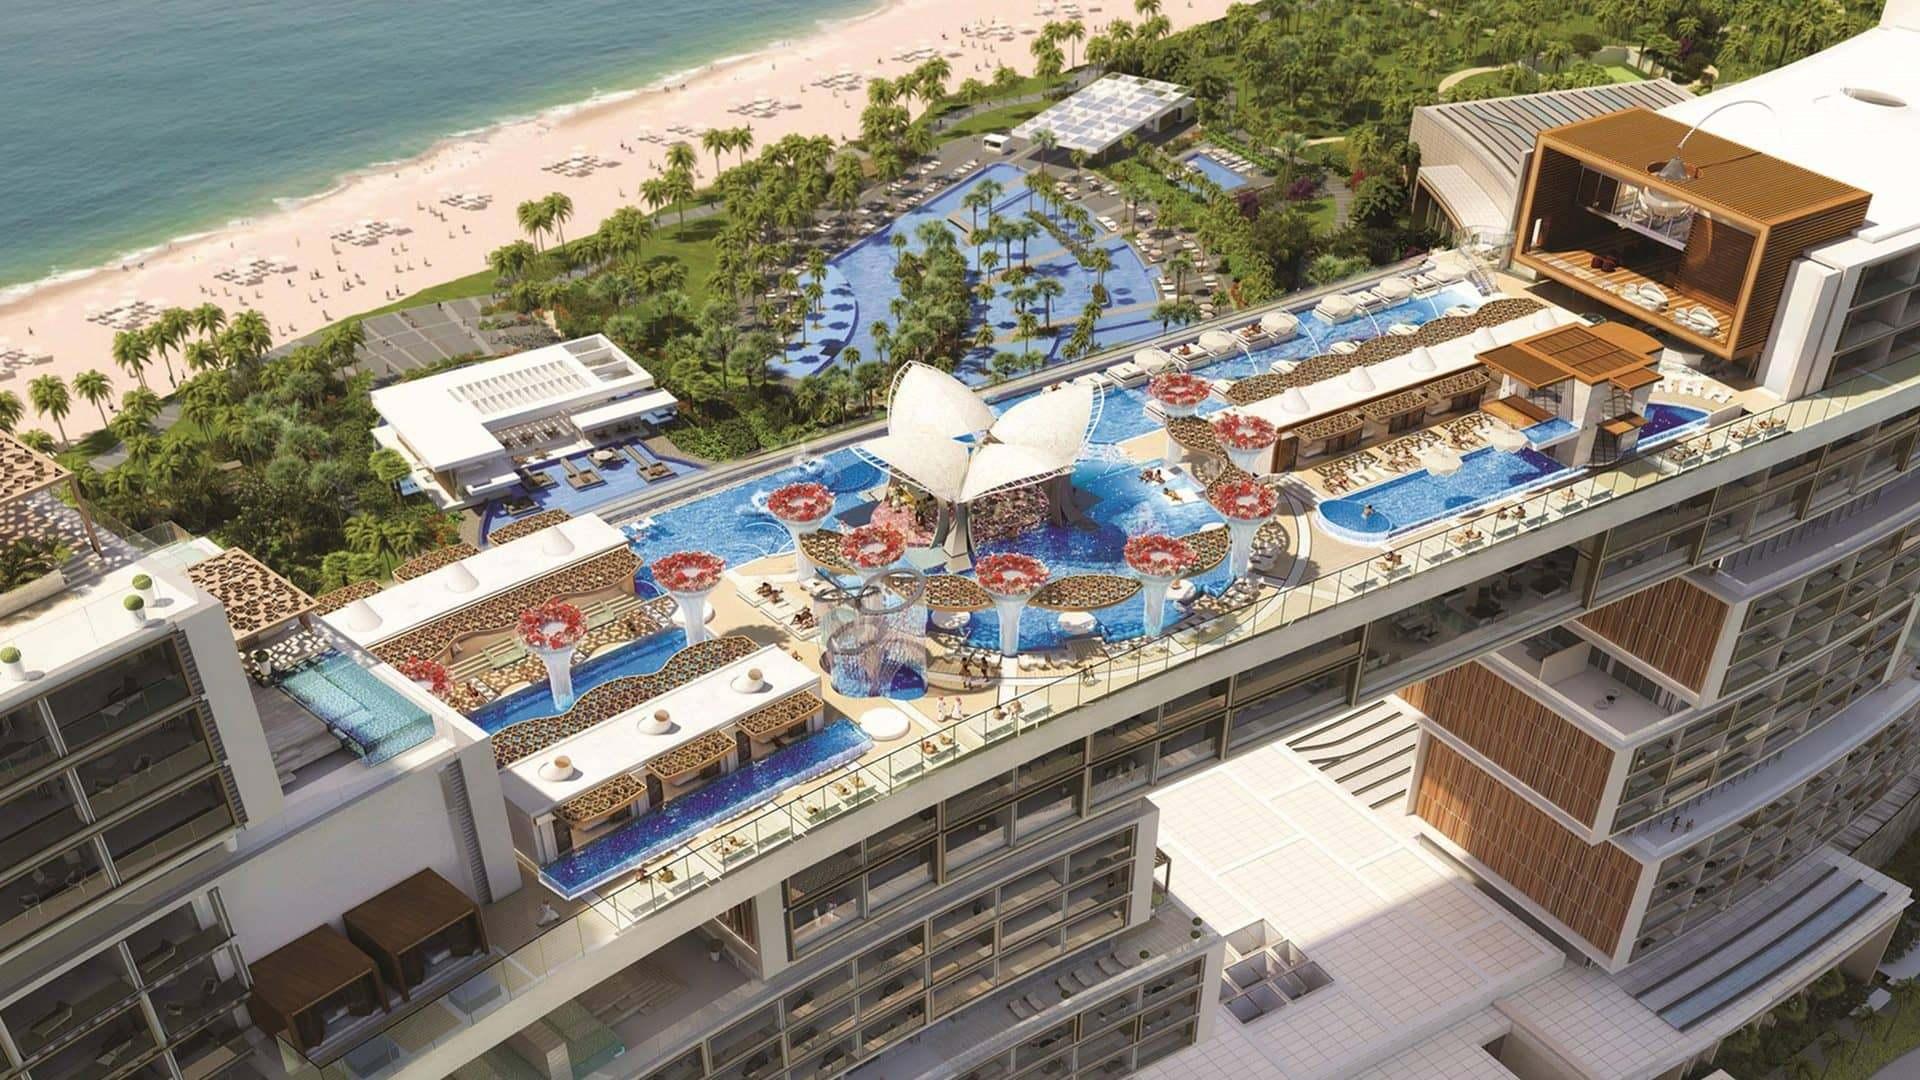 Ático en venta en Dubai, EAU, 5 dormitorios, 1531 m2, № 23843 – foto 6